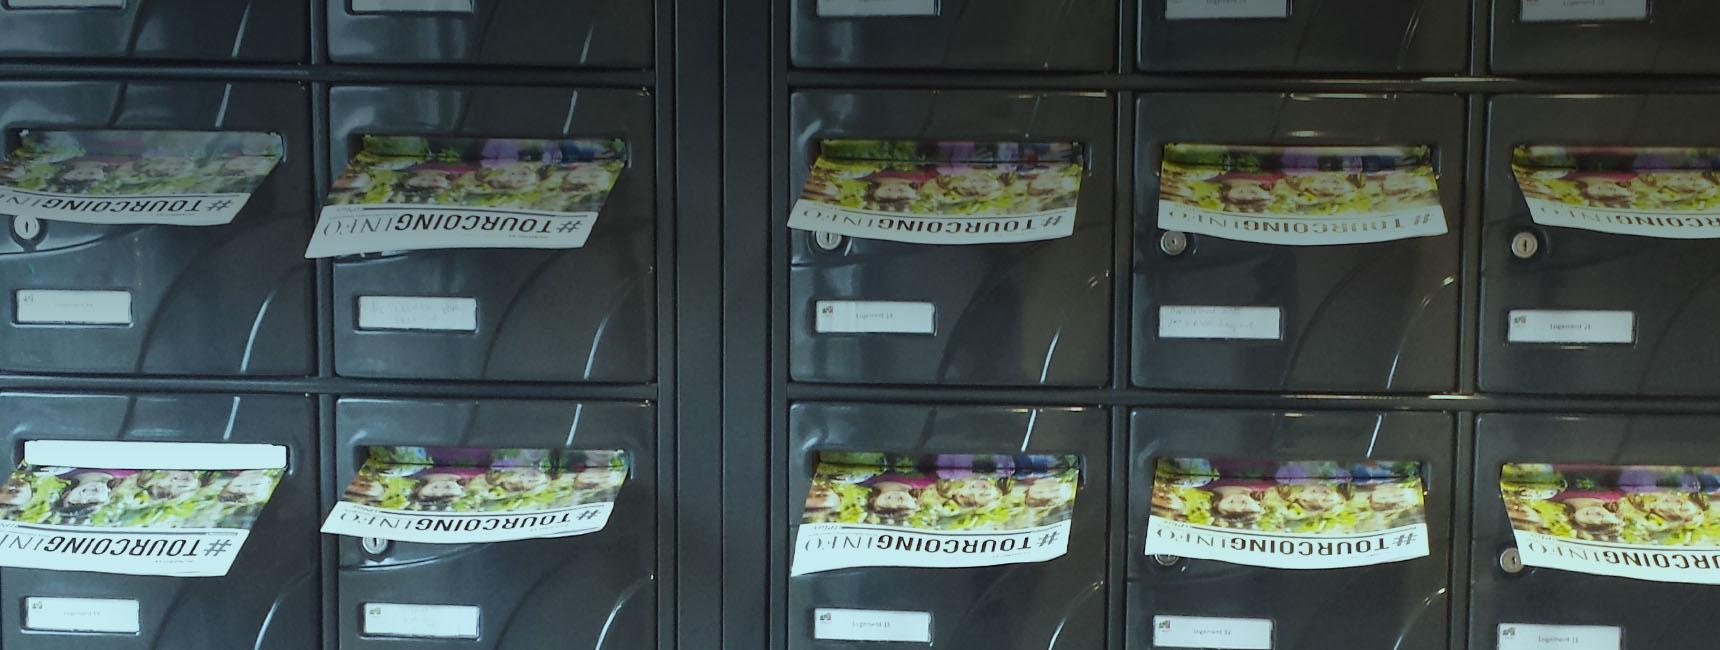 Distribution, dépôt et publipostage - Keemia Toulouse Agence marketing local en région Occitanie